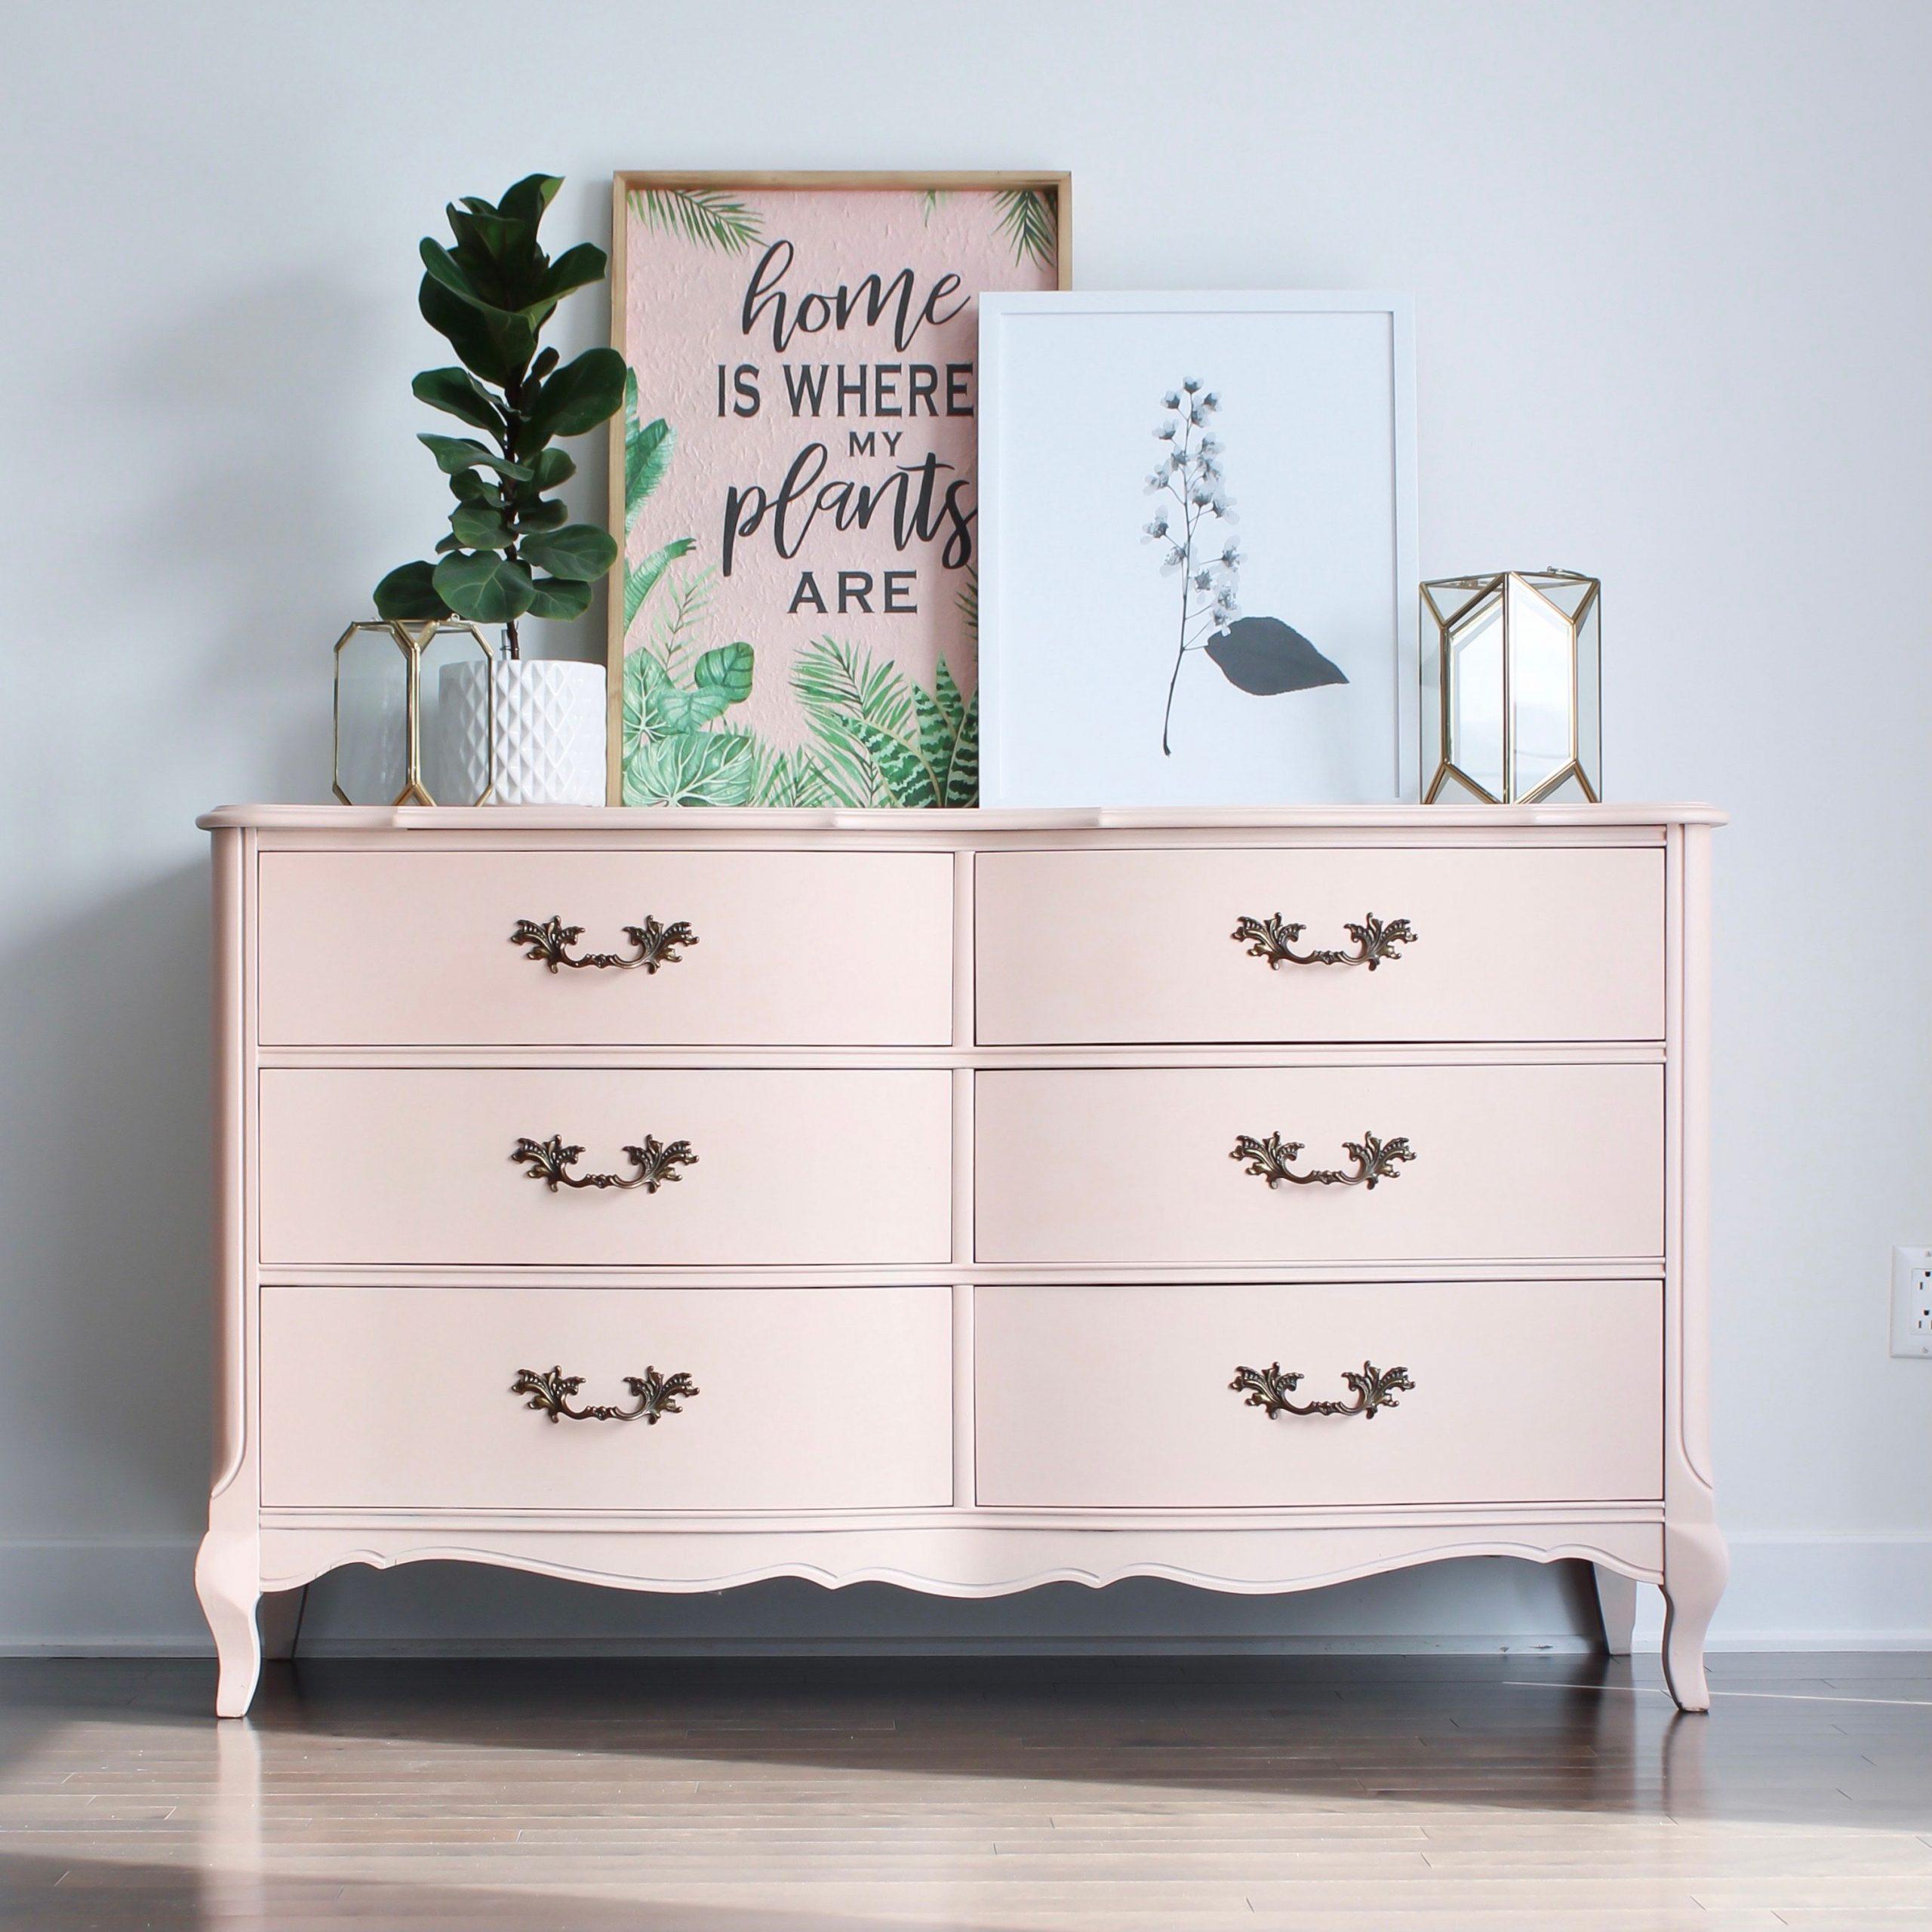 Curvy French Provincial Six Drawer Dresser in Ooh La La